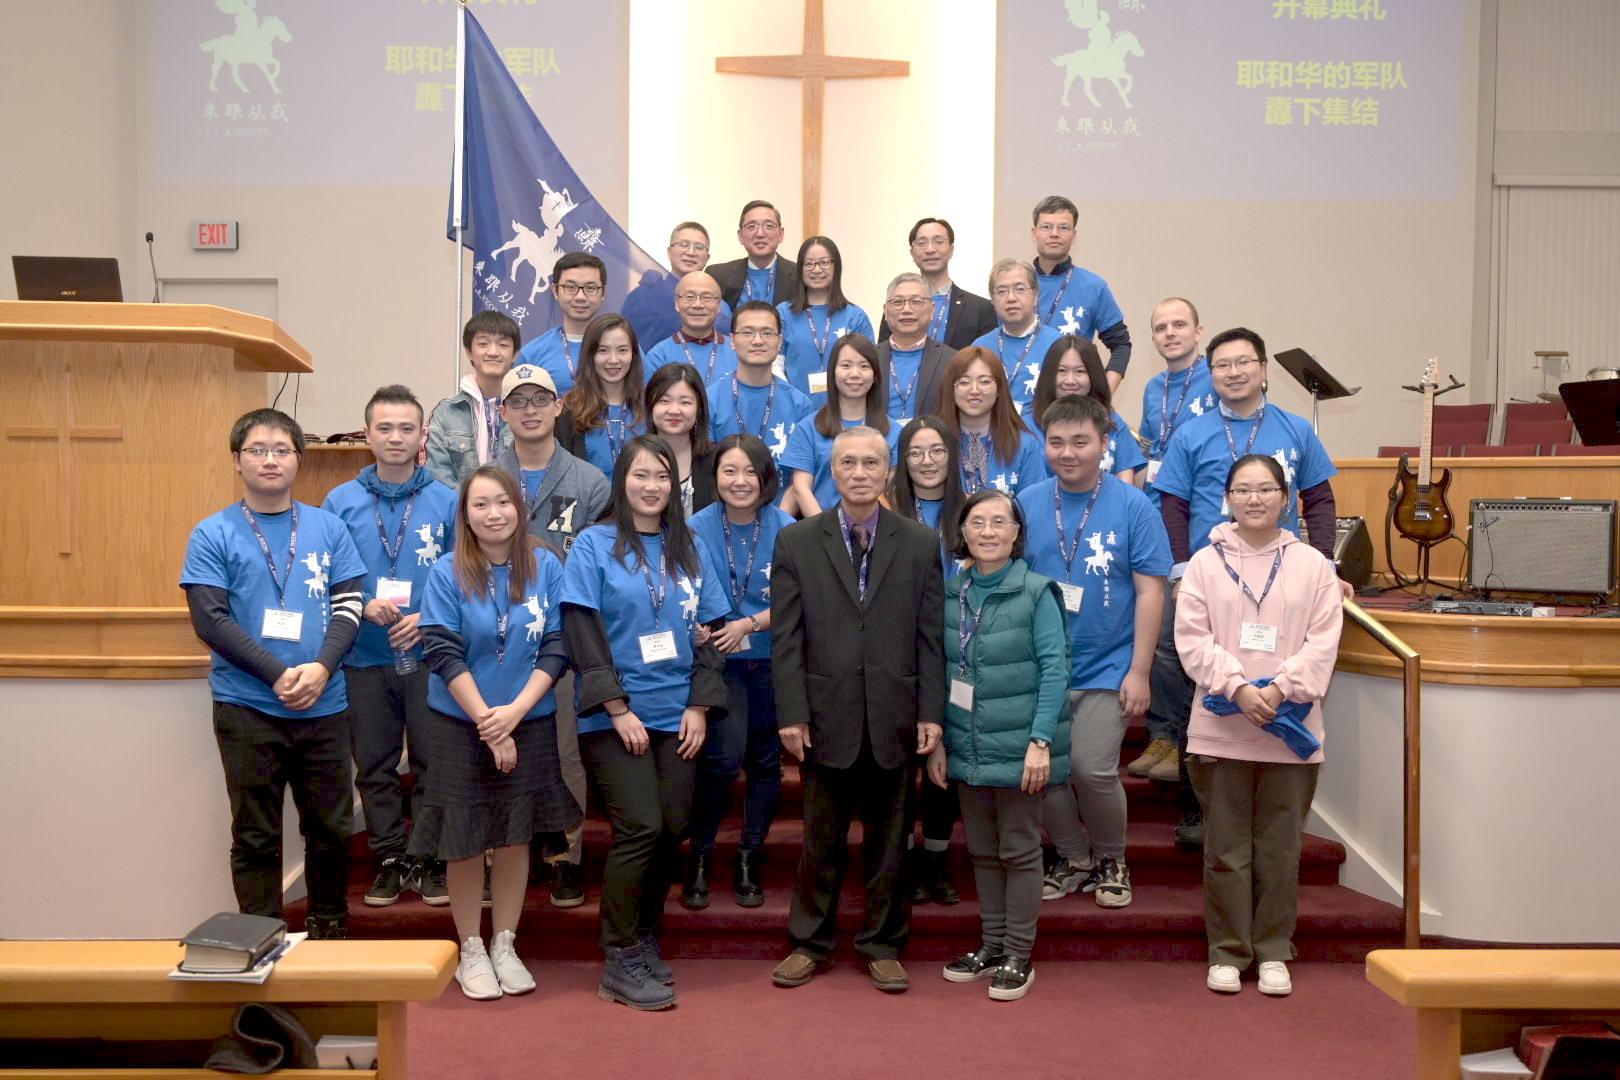 首屆加東華人青年基督徒冬令會 (國語),由蘇穎智牧師主領